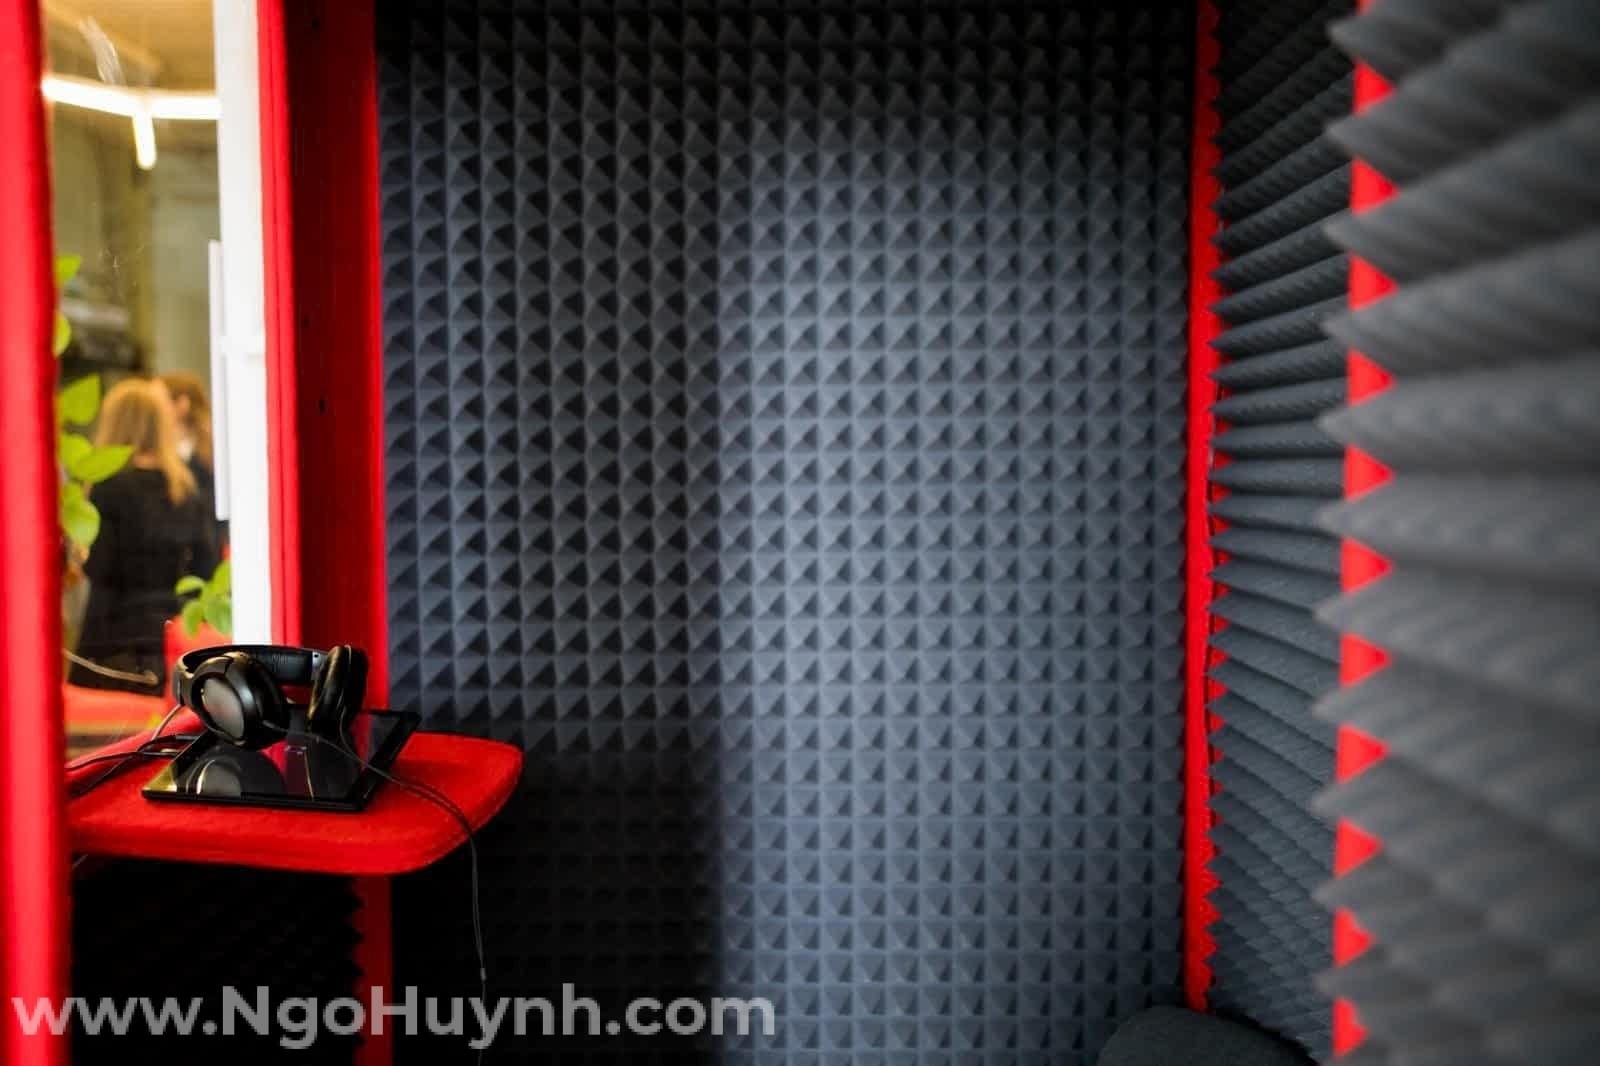 Cách giúp cho ngôi nhà cách âm và chống ồn hiệu quả (2)